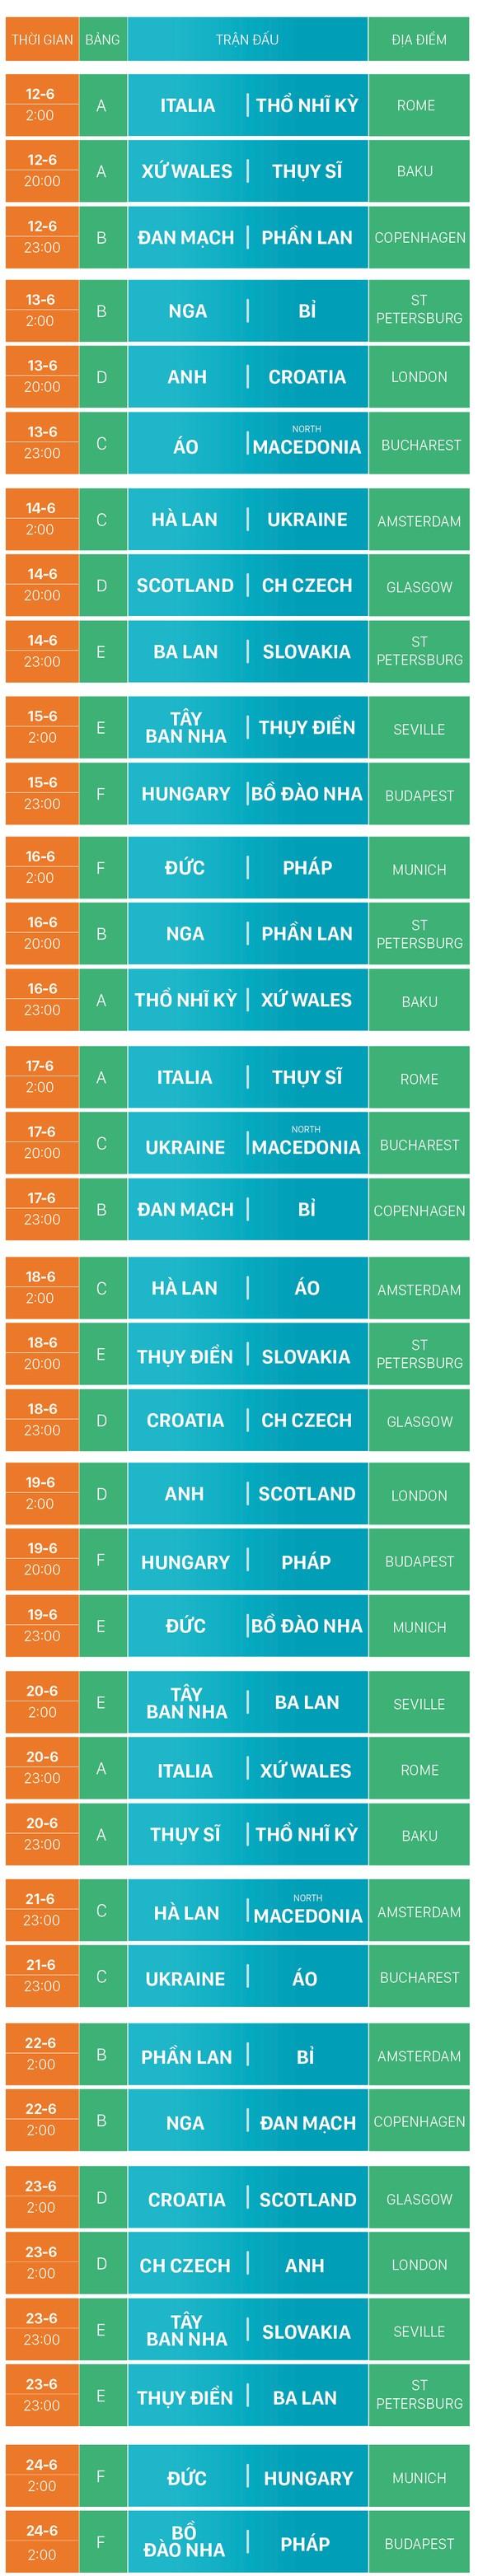 Lịch thi đấu EURO 2020 (giờ Việt Nam) ảnh 7